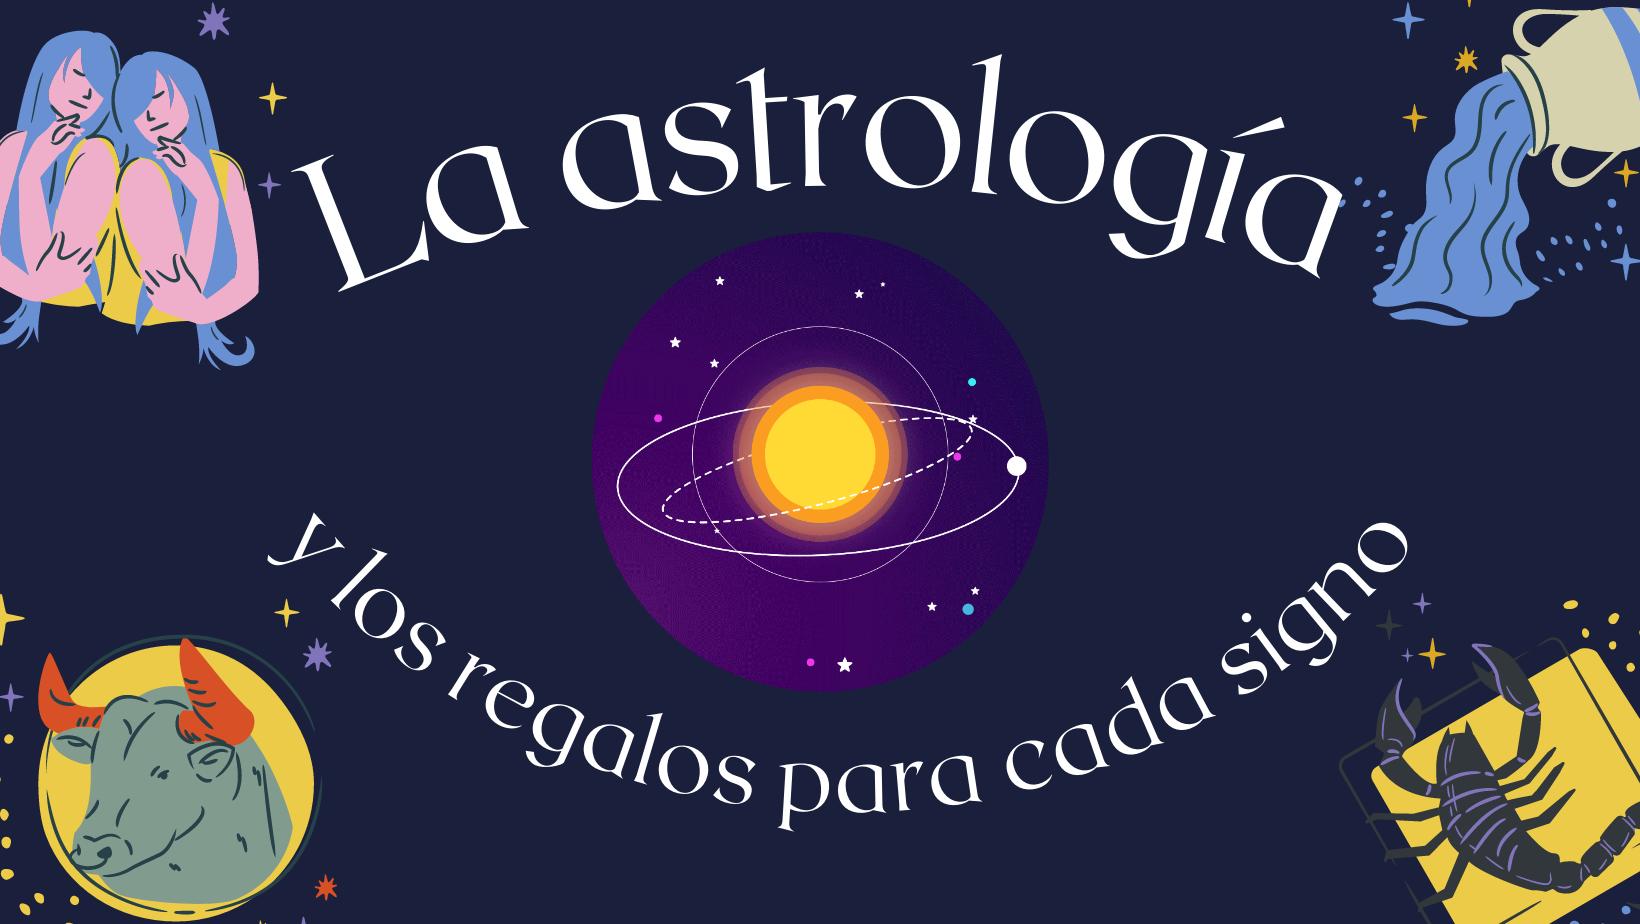 La astrología y los regalos para cada signo